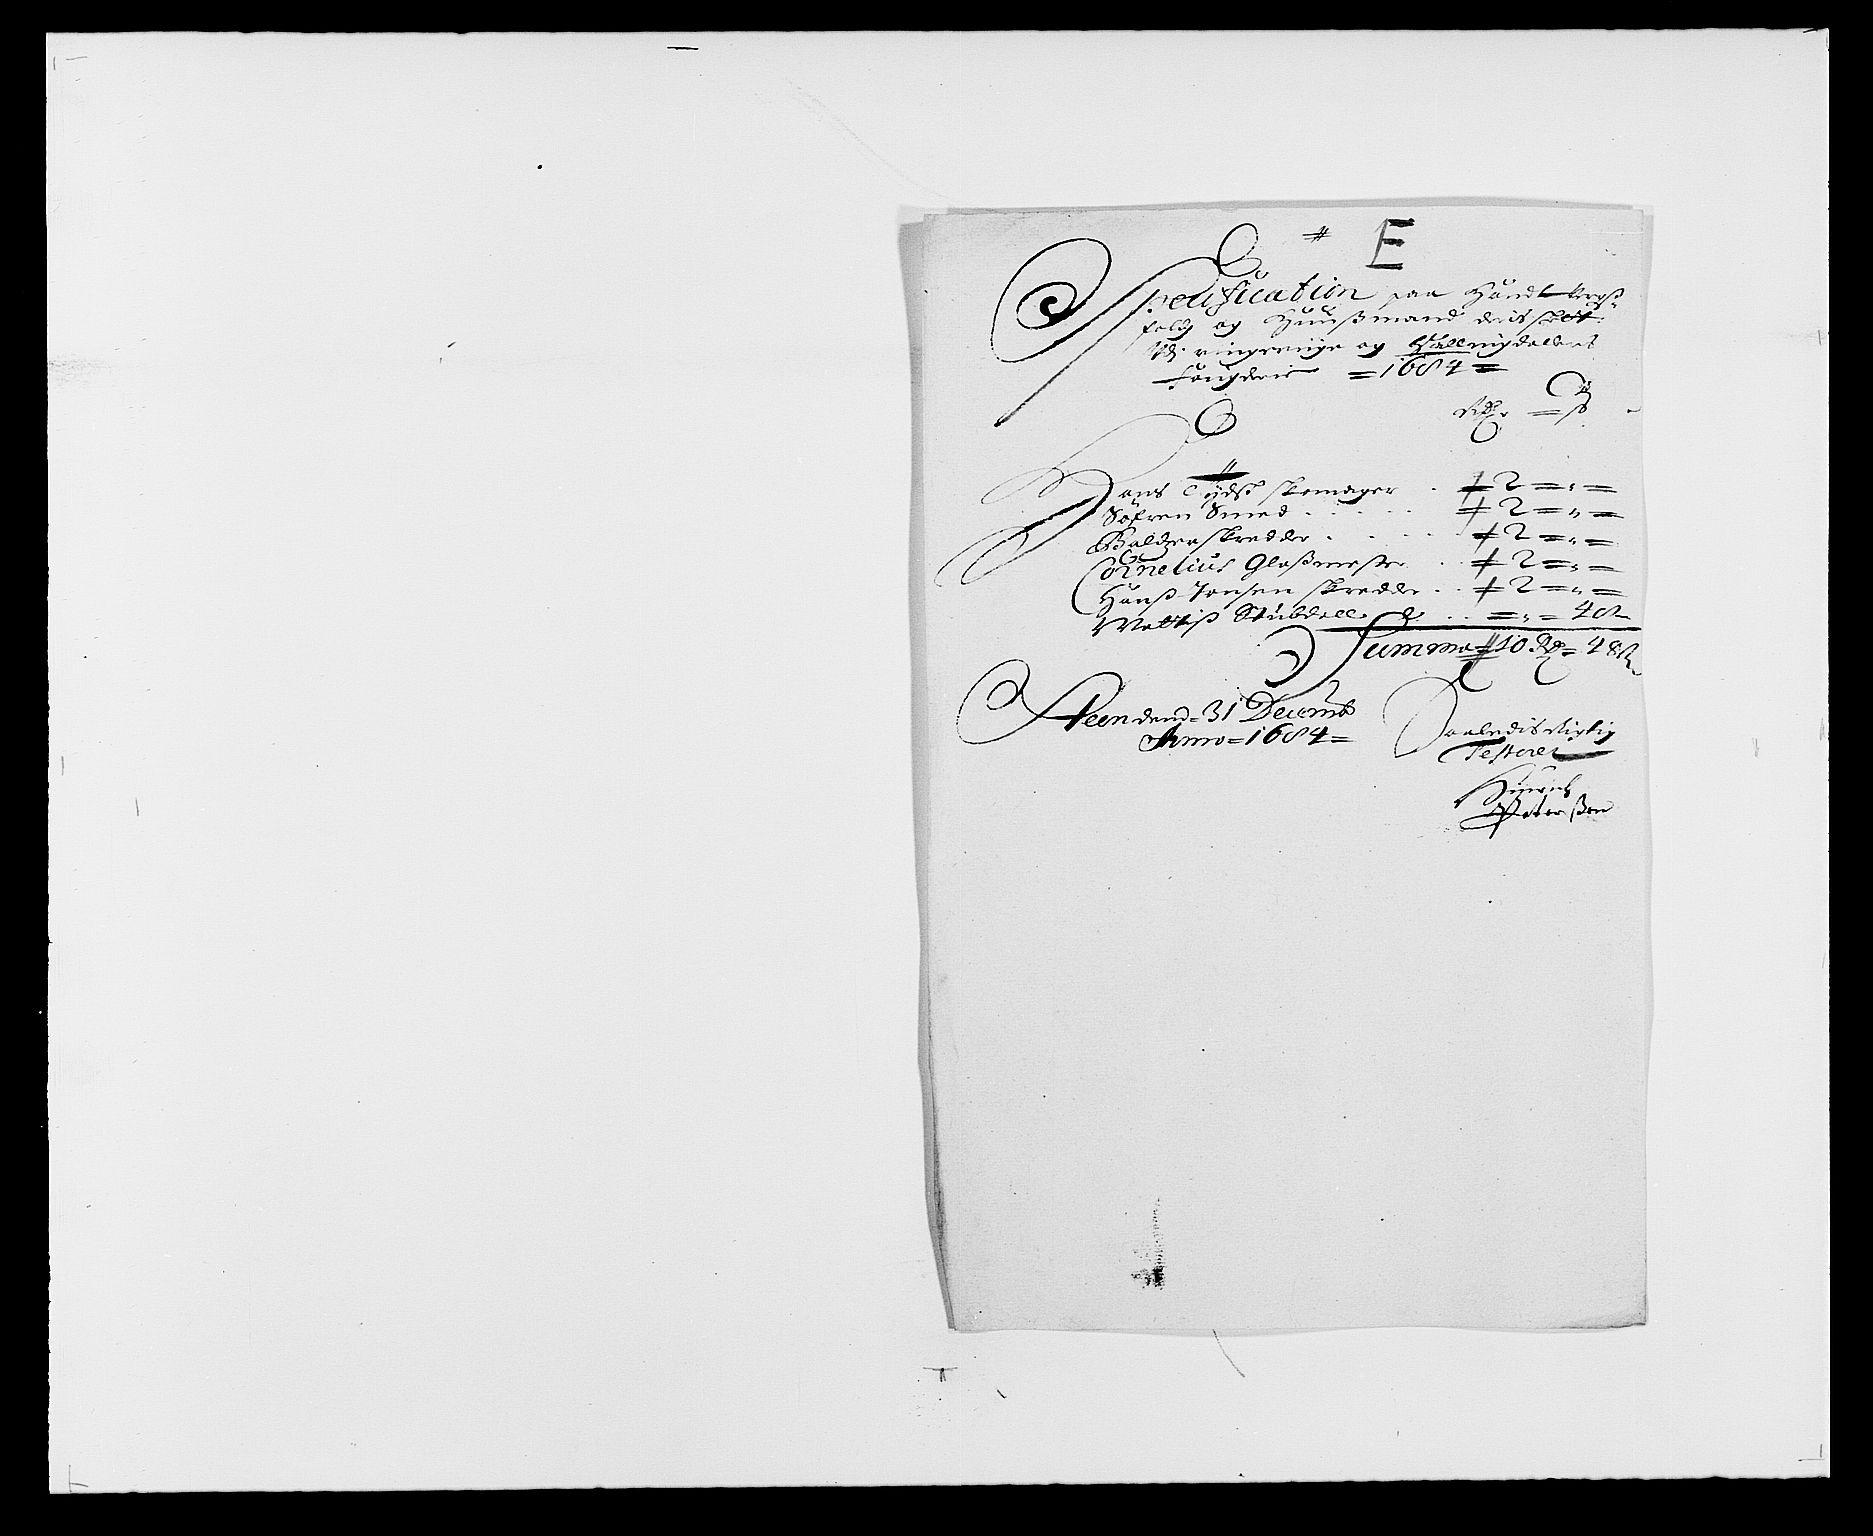 RA, Rentekammeret inntil 1814, Reviderte regnskaper, Fogderegnskap, R21/L1446: Fogderegnskap Ringerike og Hallingdal, 1683-1686, s. 218